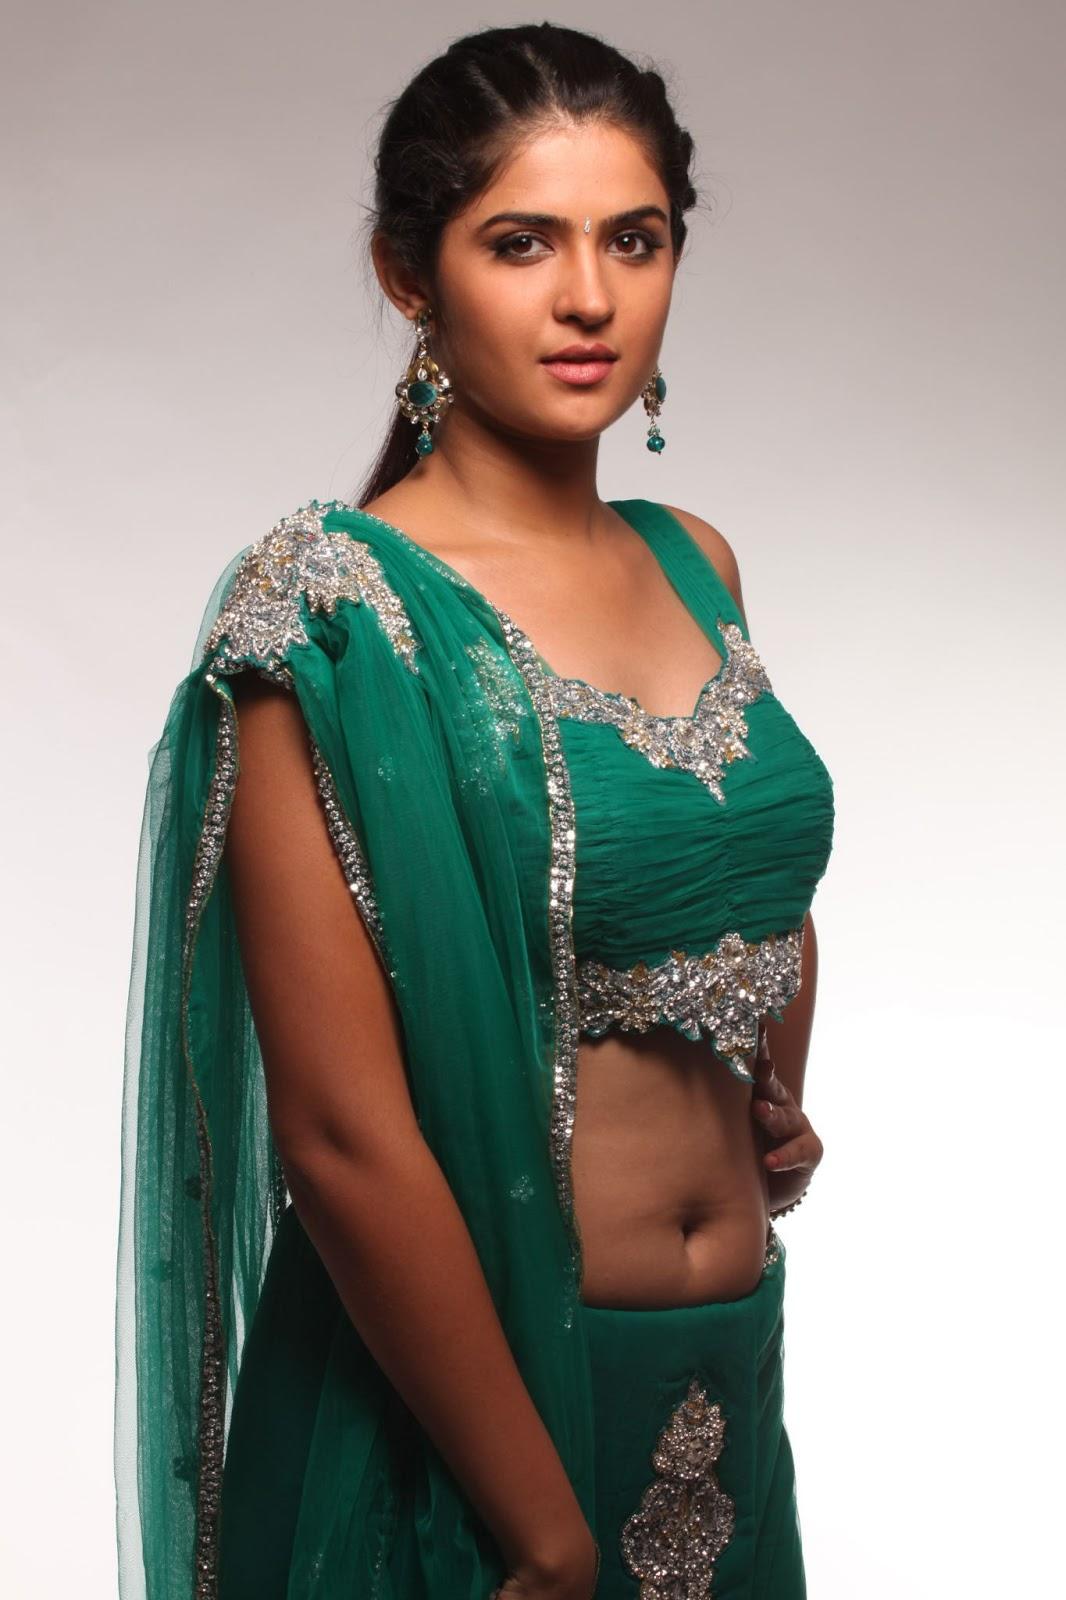 Deeksha pics collection